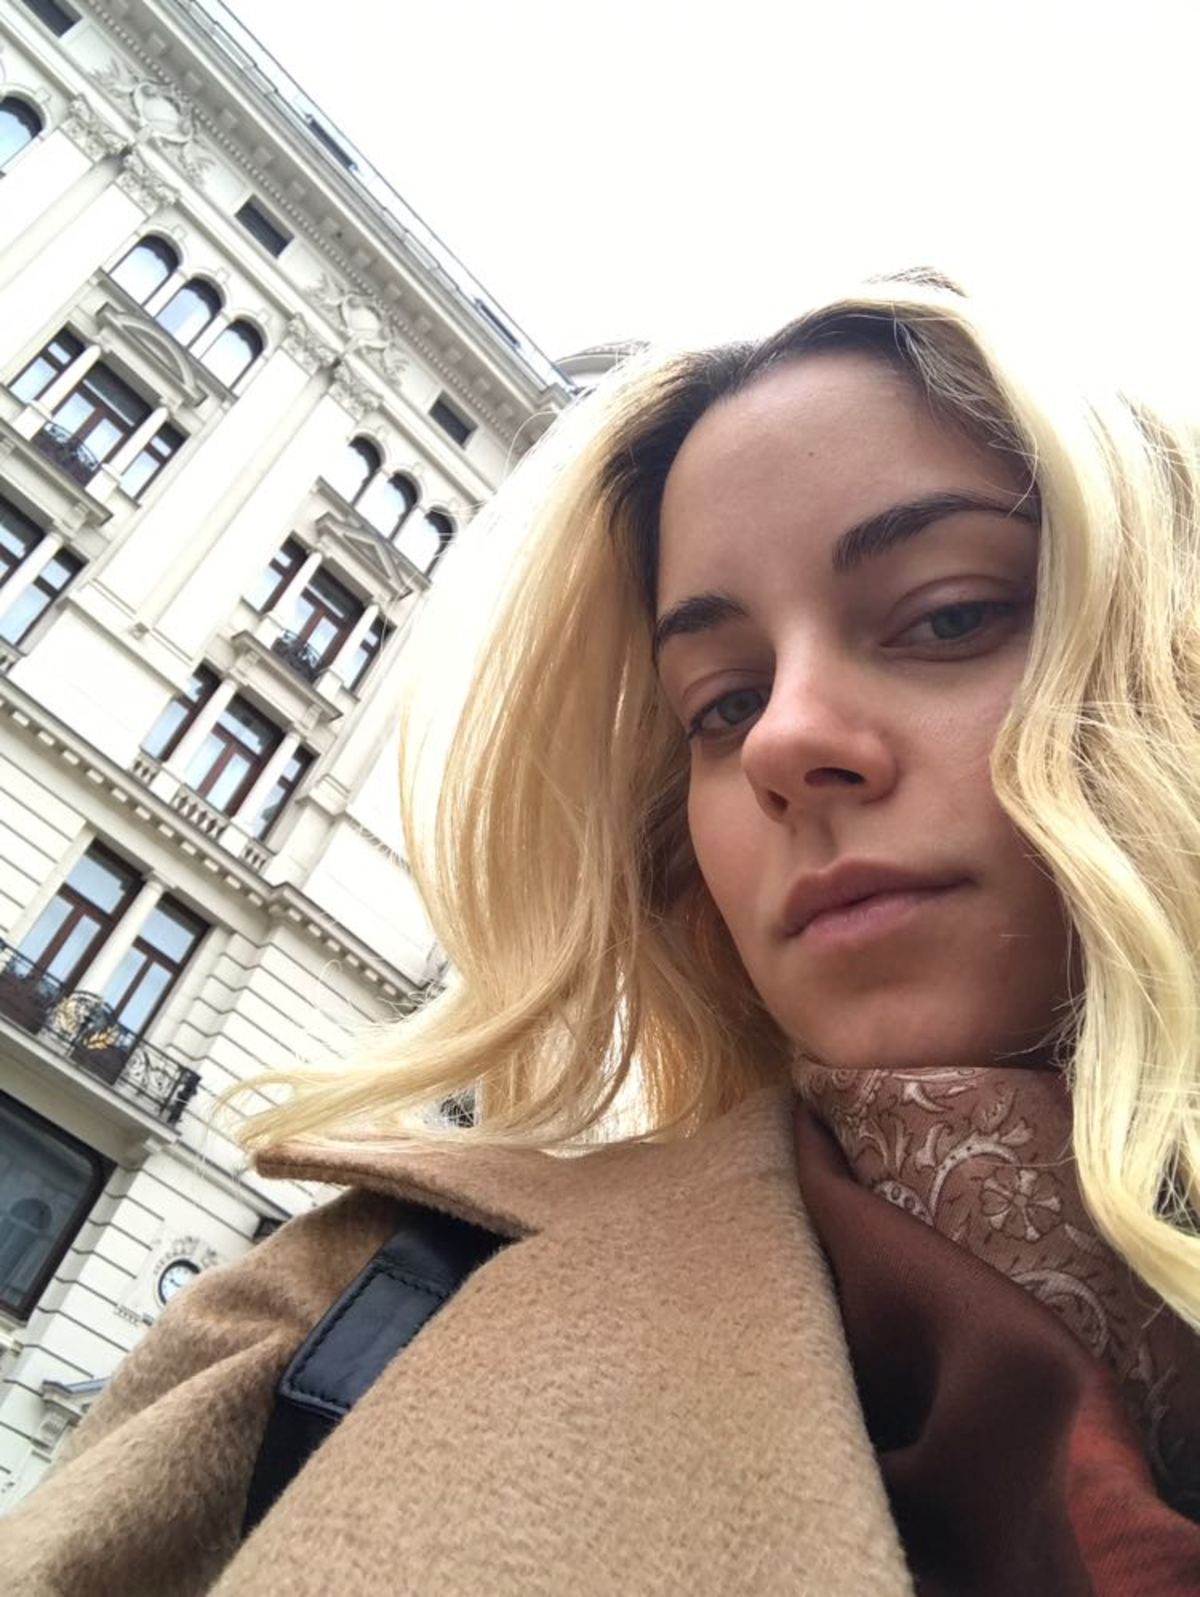 Δούκισσα Νομικού: Η ευχάριστη έκπληξη από τον σύζυγό της στον τέταρτο μήνα της εγκυμοσύνης της | Newsit.gr